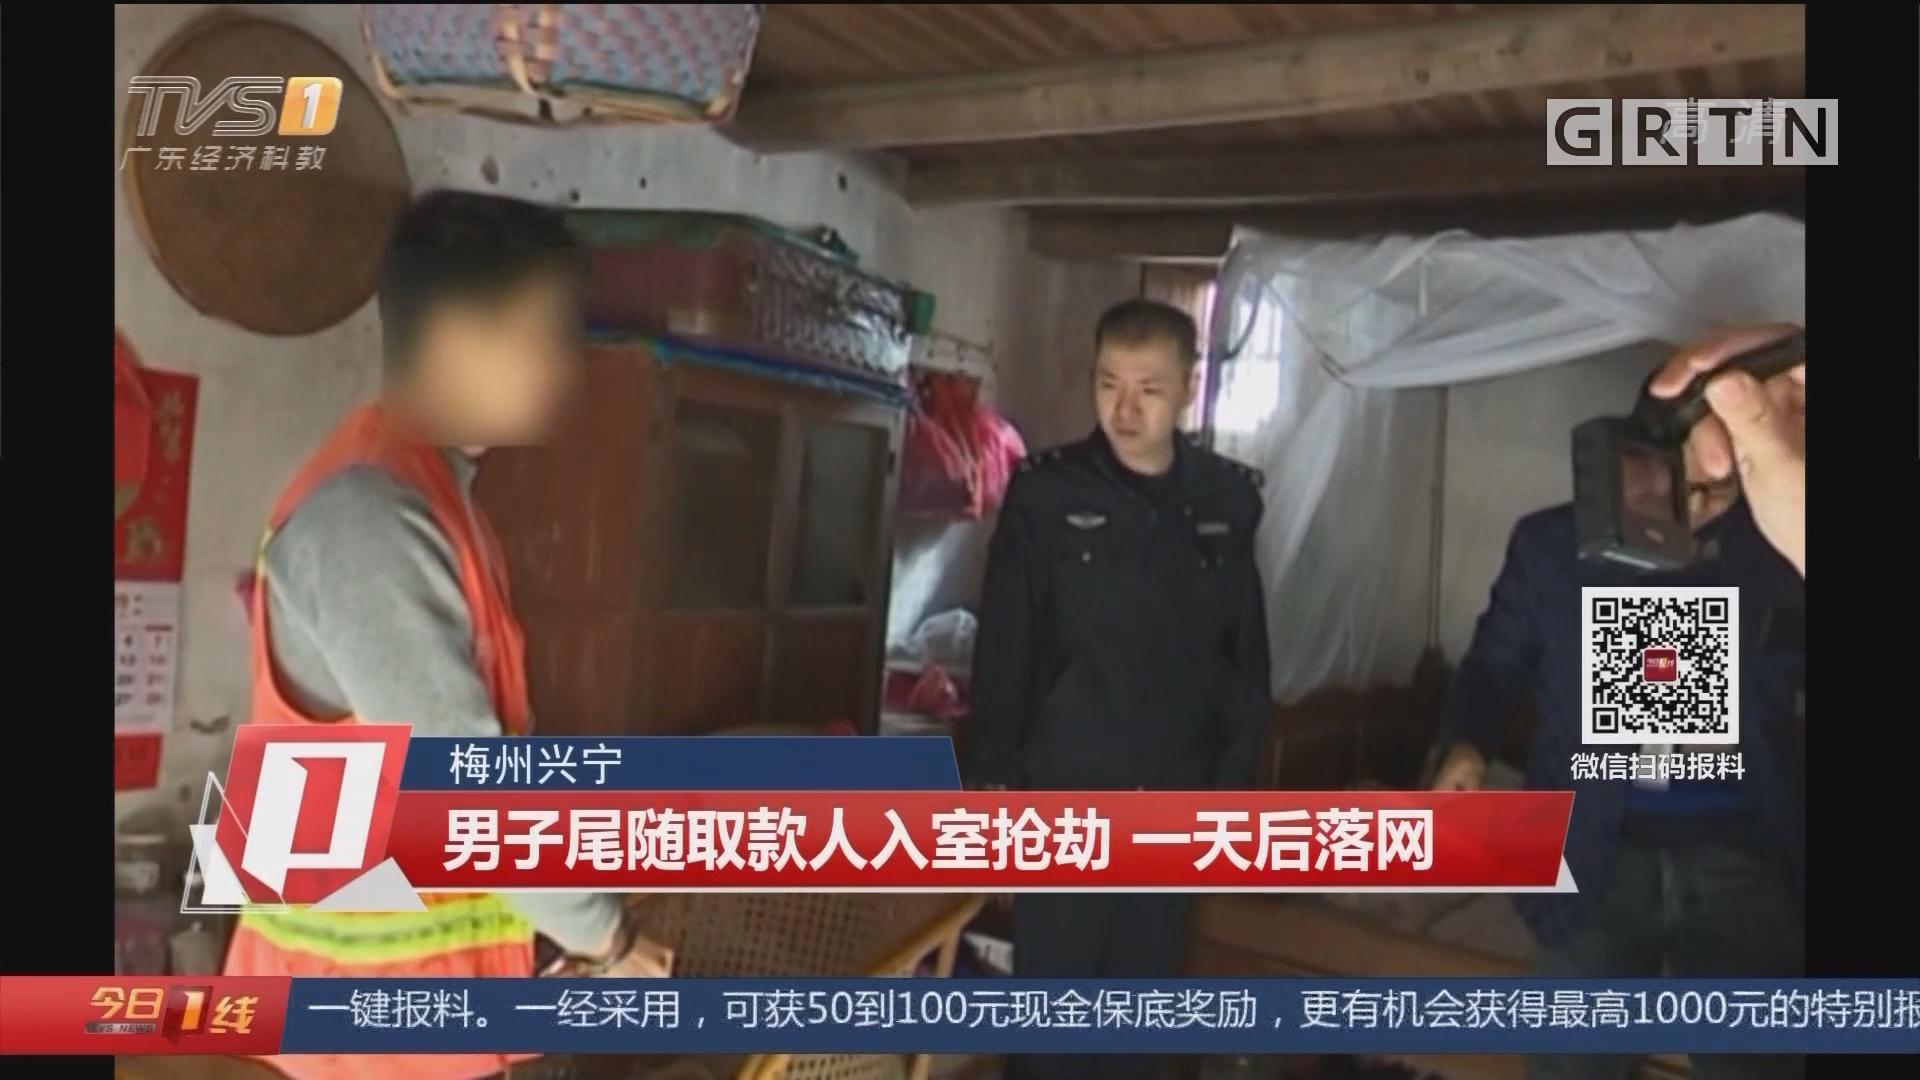 梅州兴宁 男子尾随取款人入室抢劫 一天后落网